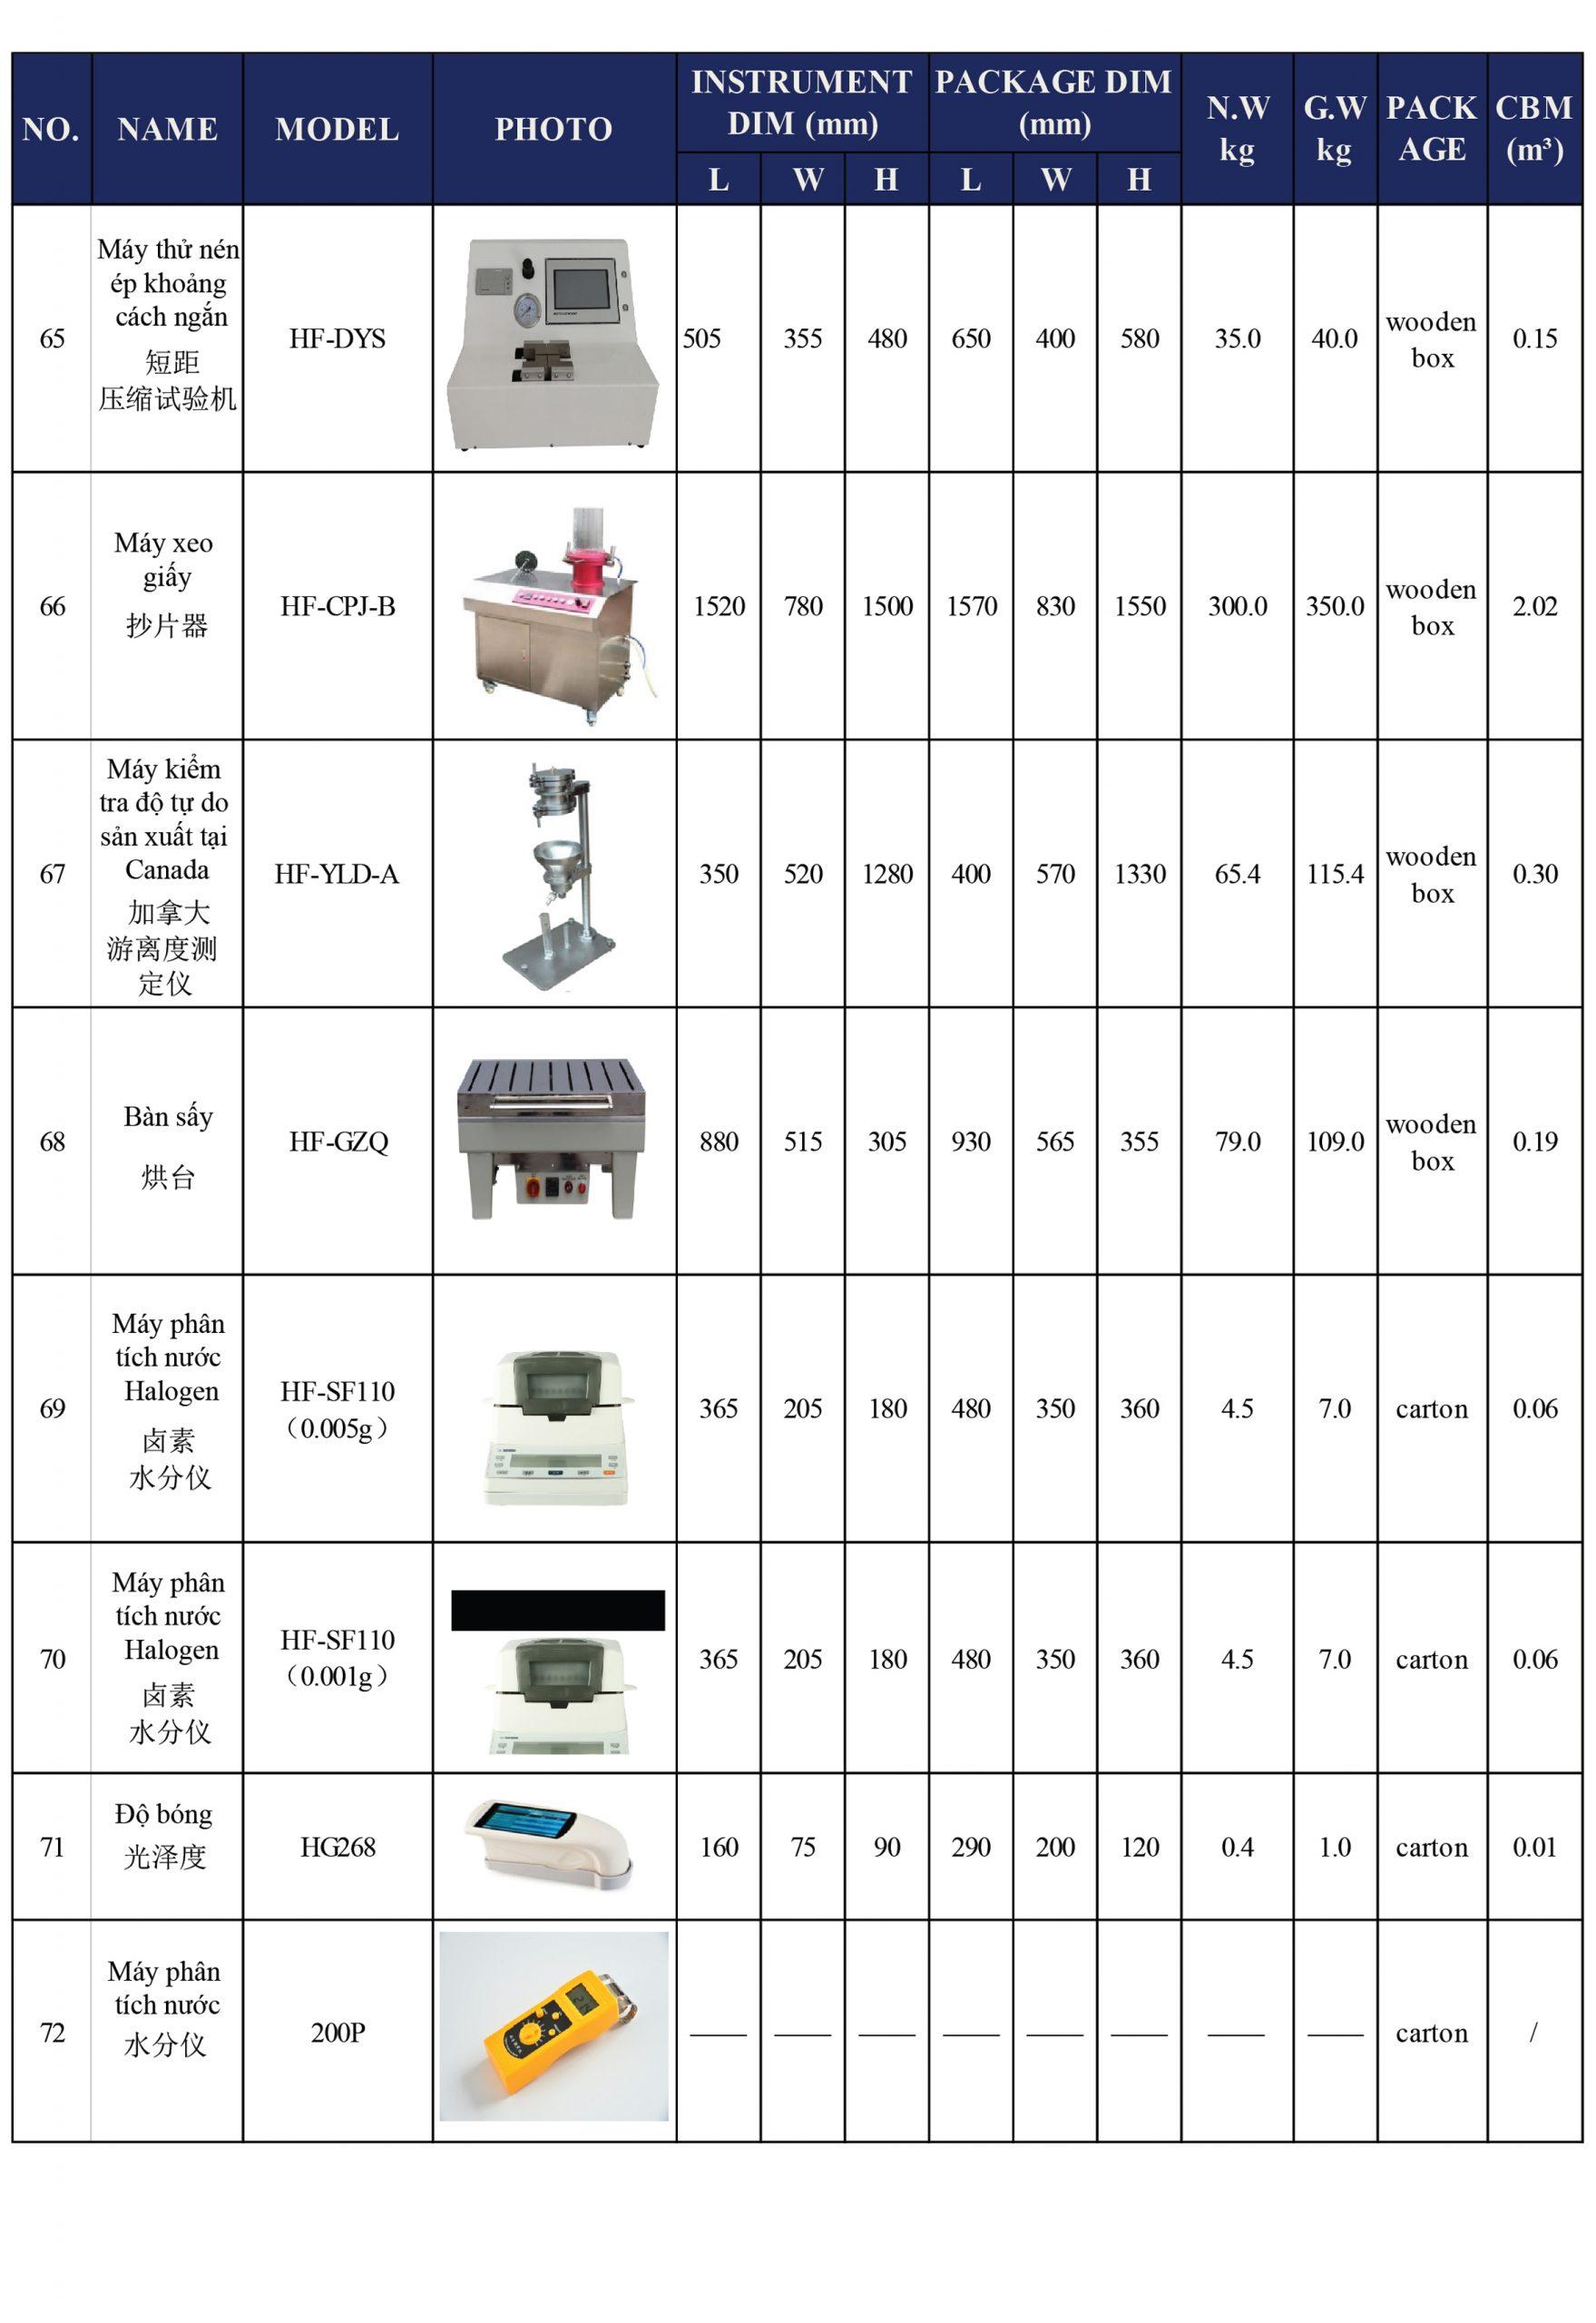 Hung Phat Cataloge Trang Trong 13